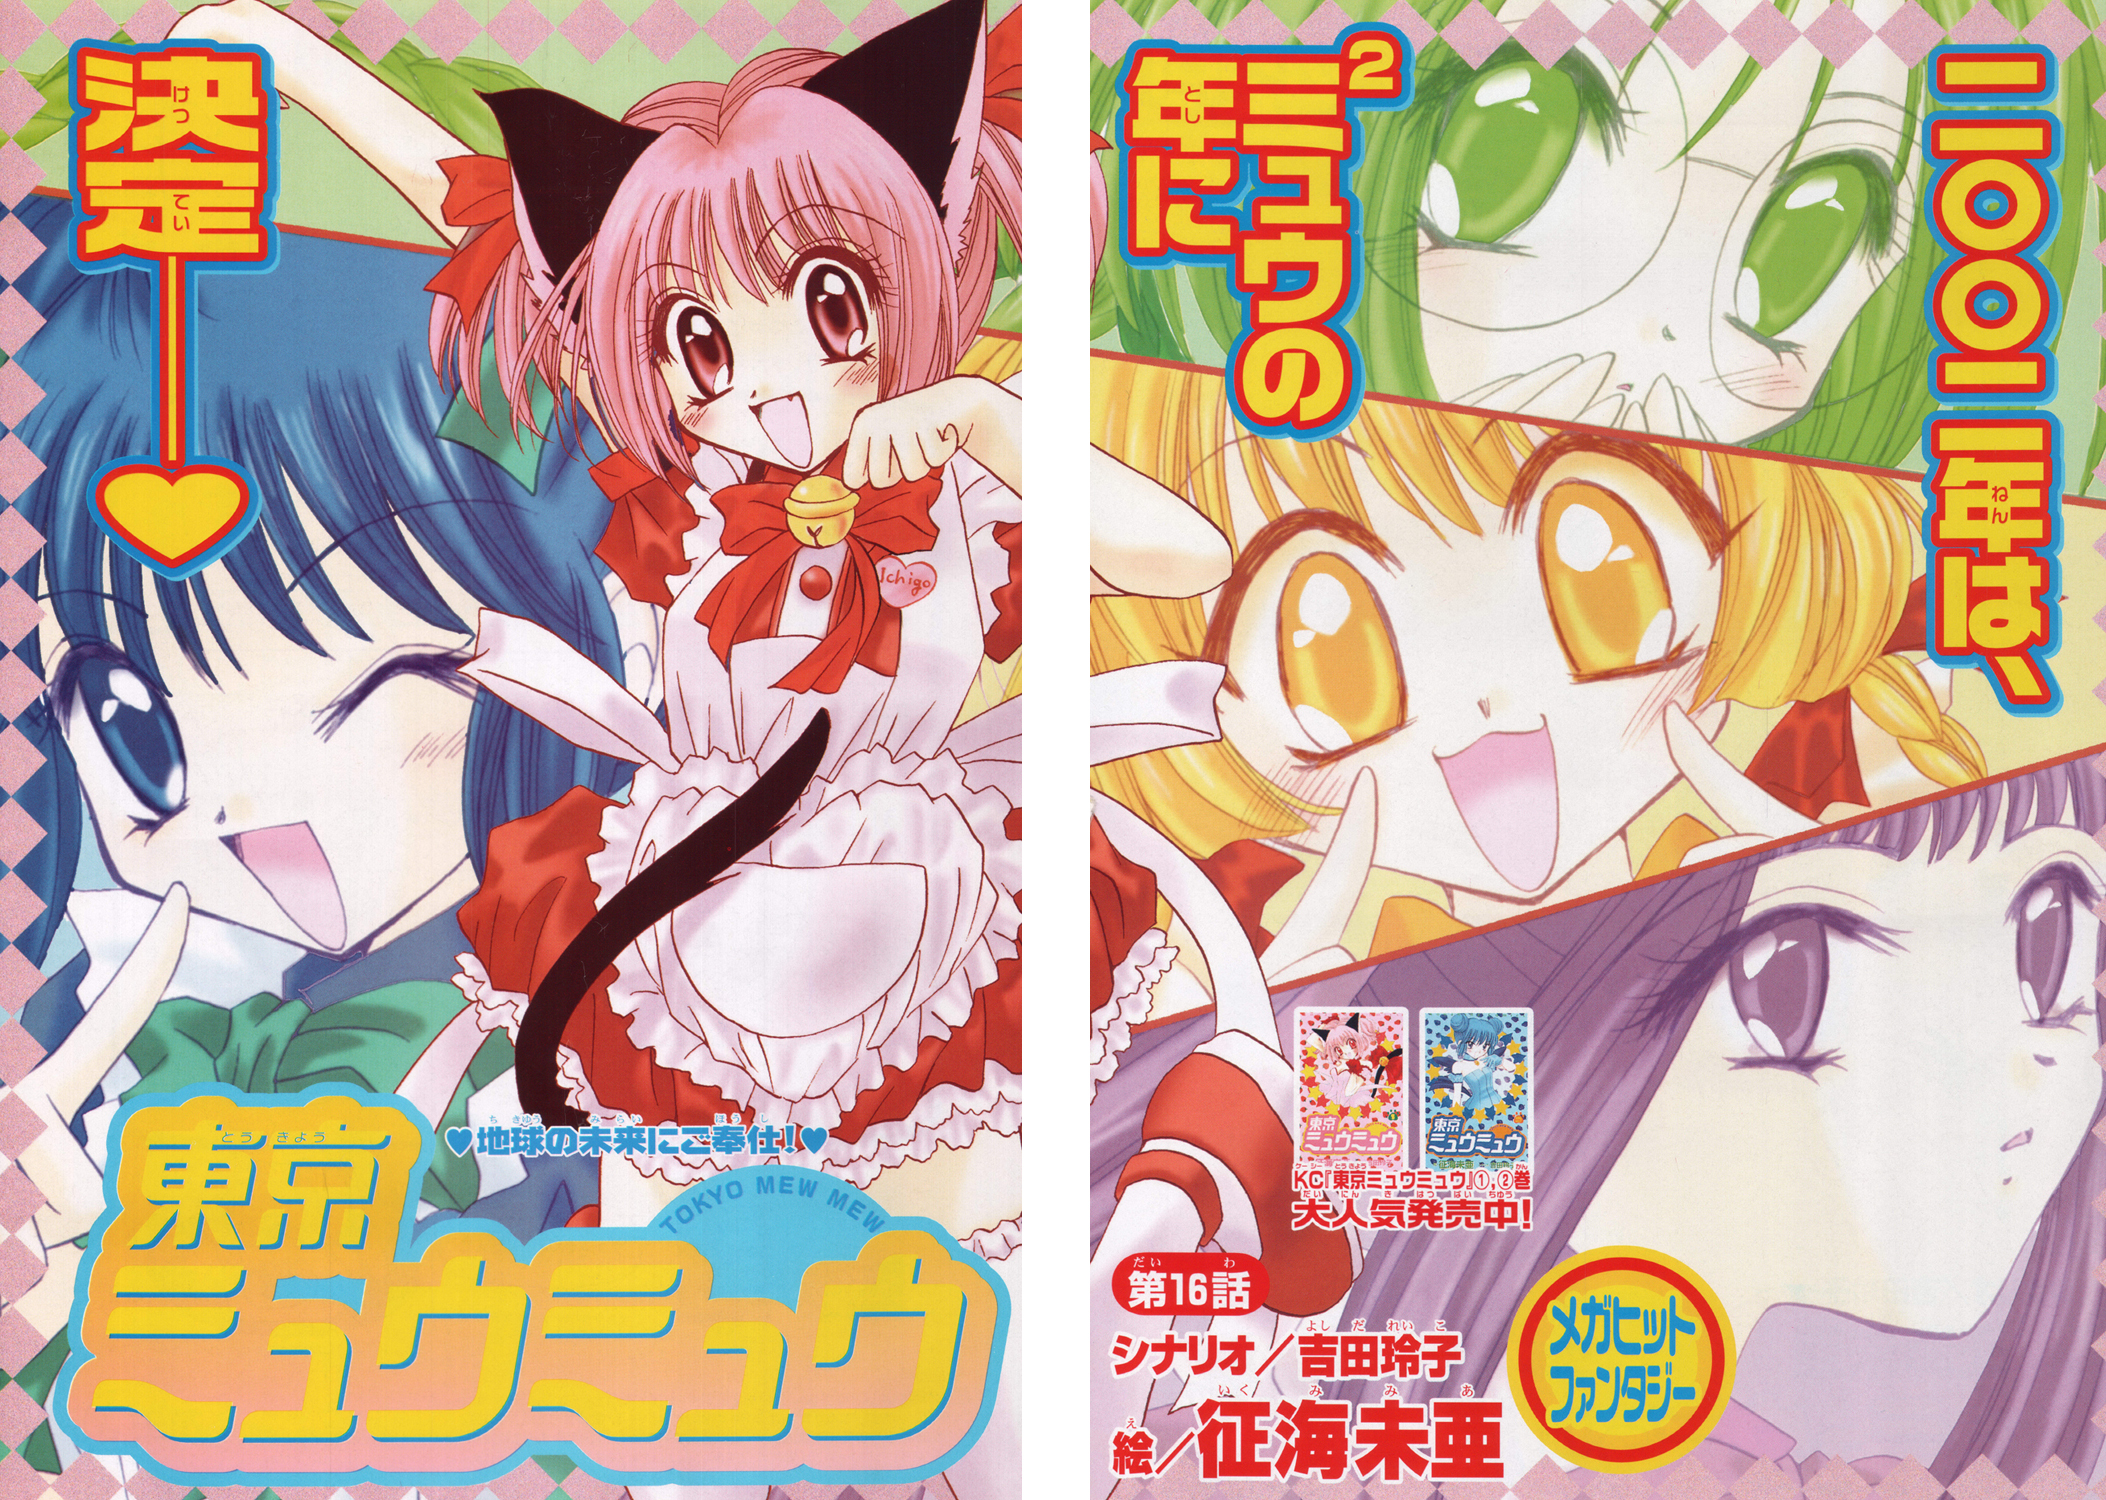 tokyo mew mew ikumi mia image 1558398 zerochan anime image